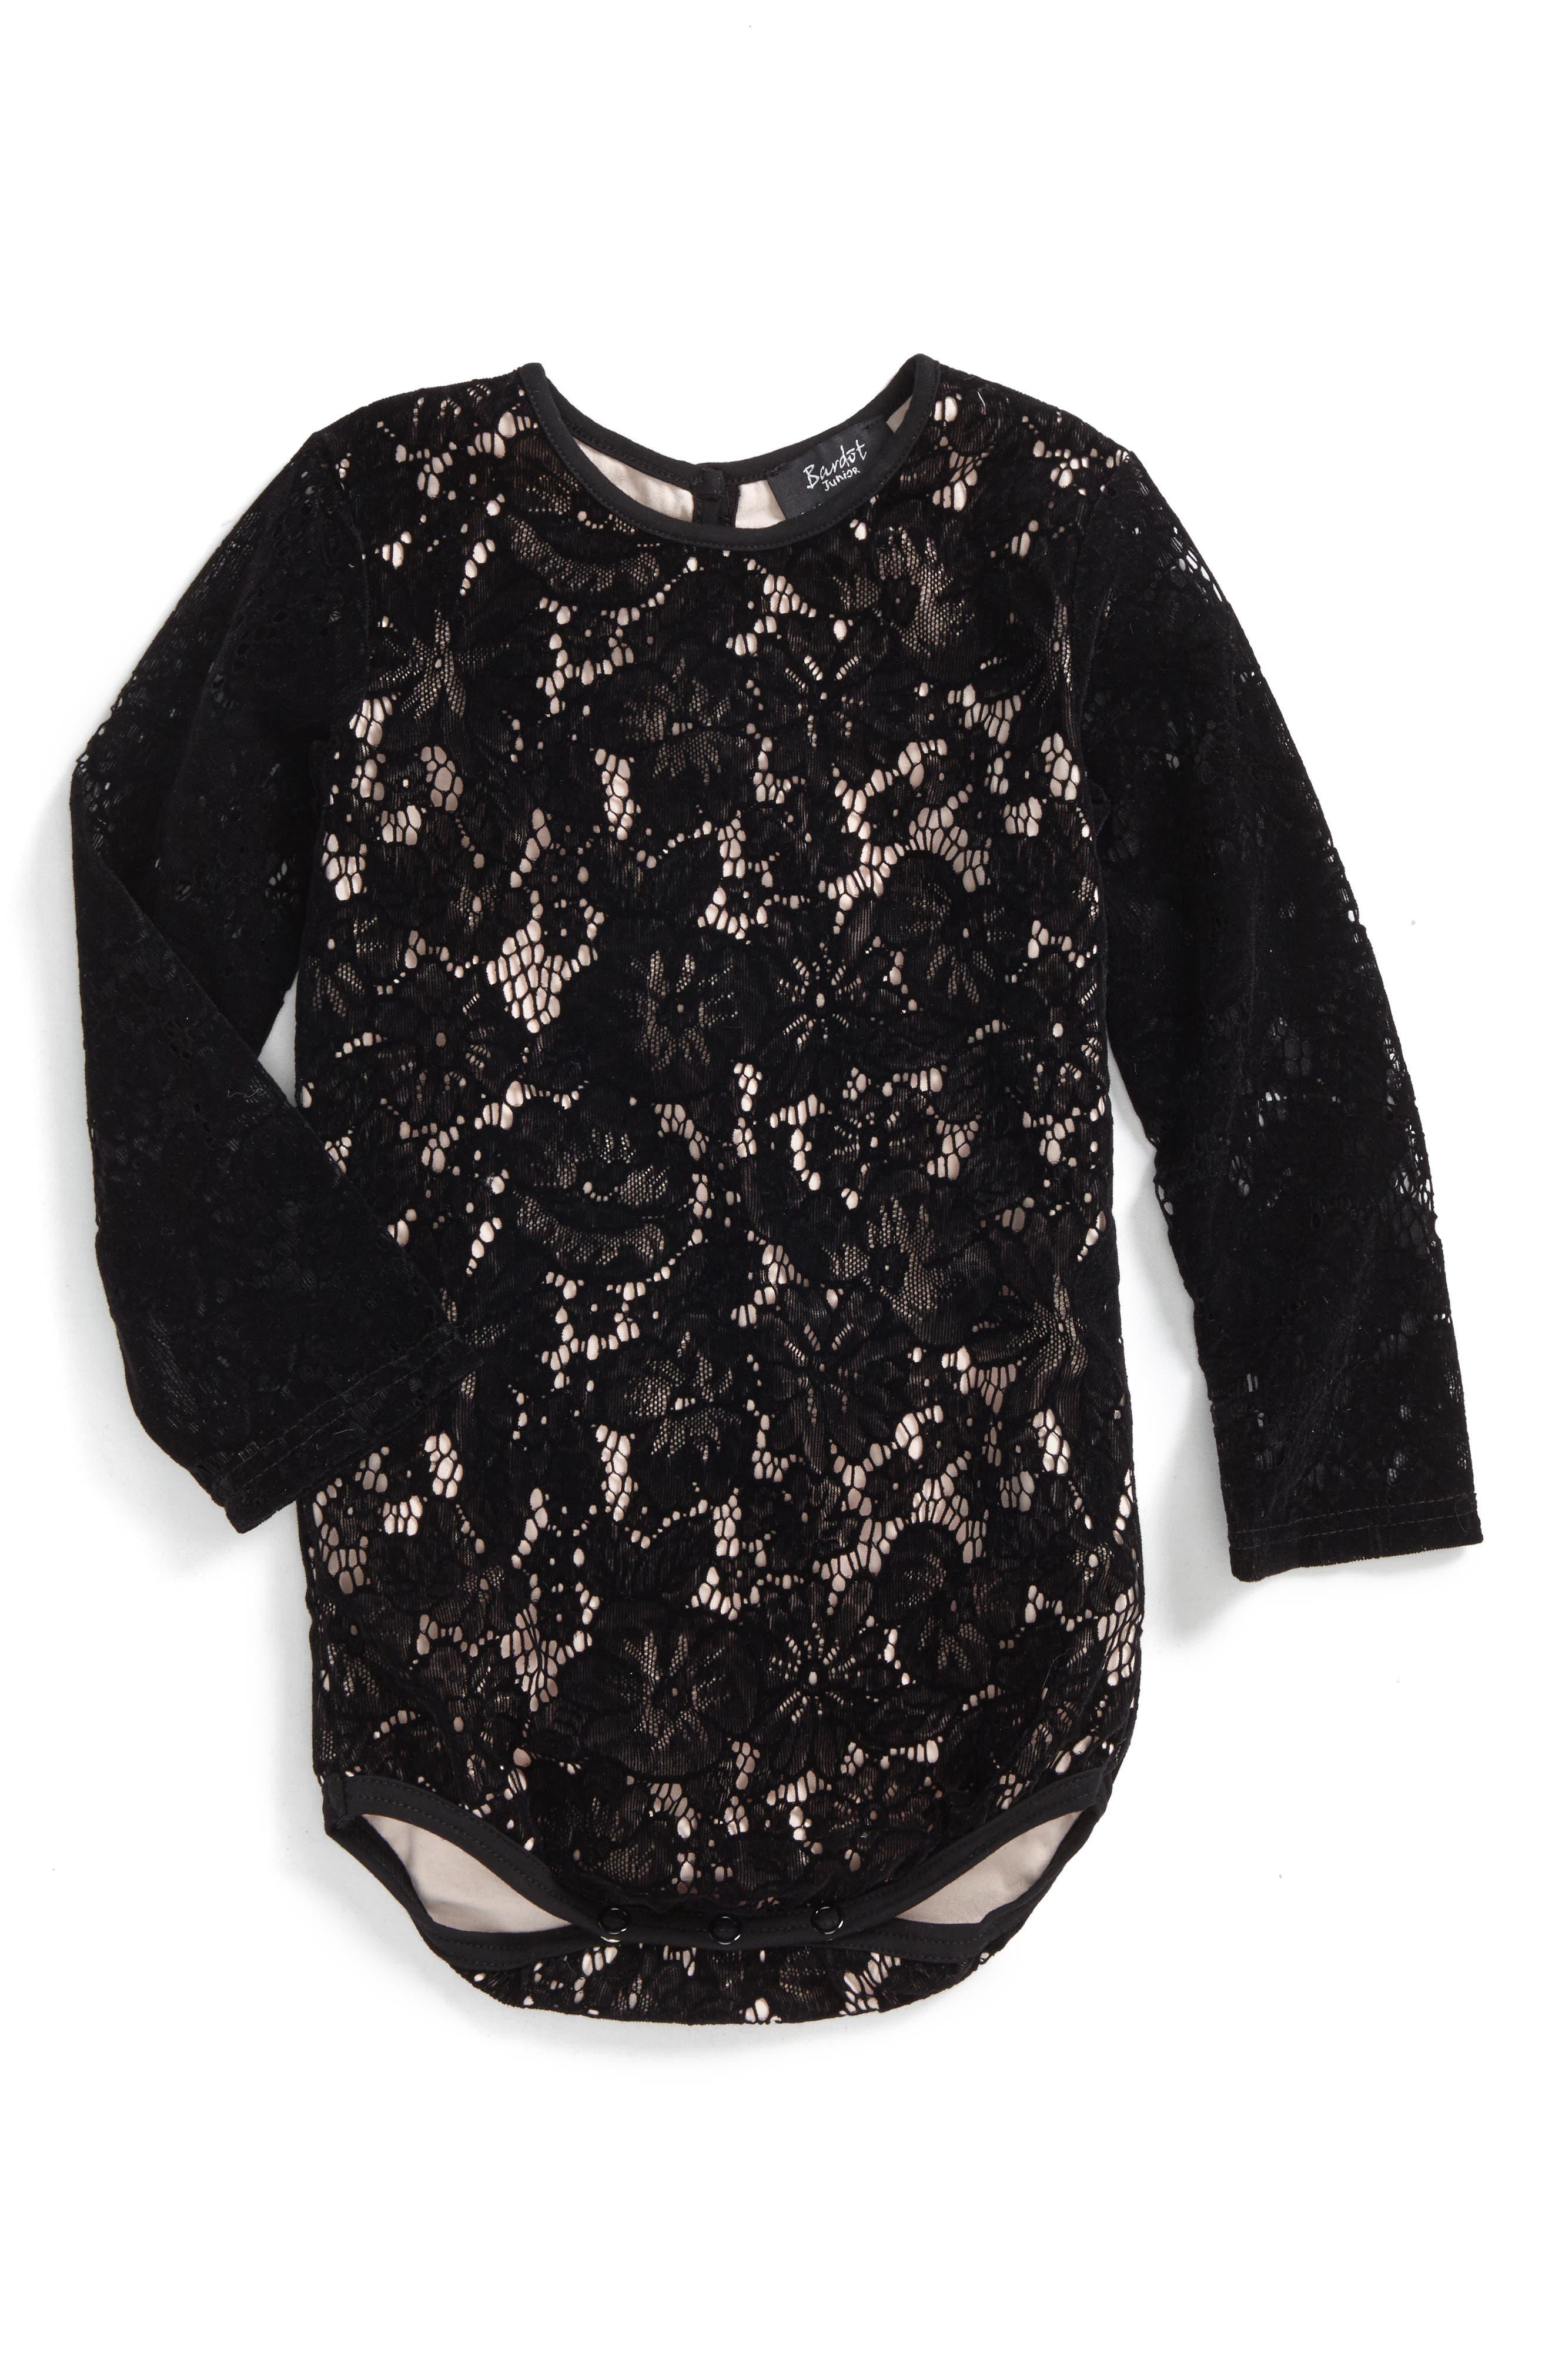 Alternate Image 1 Selected - Bardot Junior Lacey Bodysuit (Baby Girls & Toddler Girls)